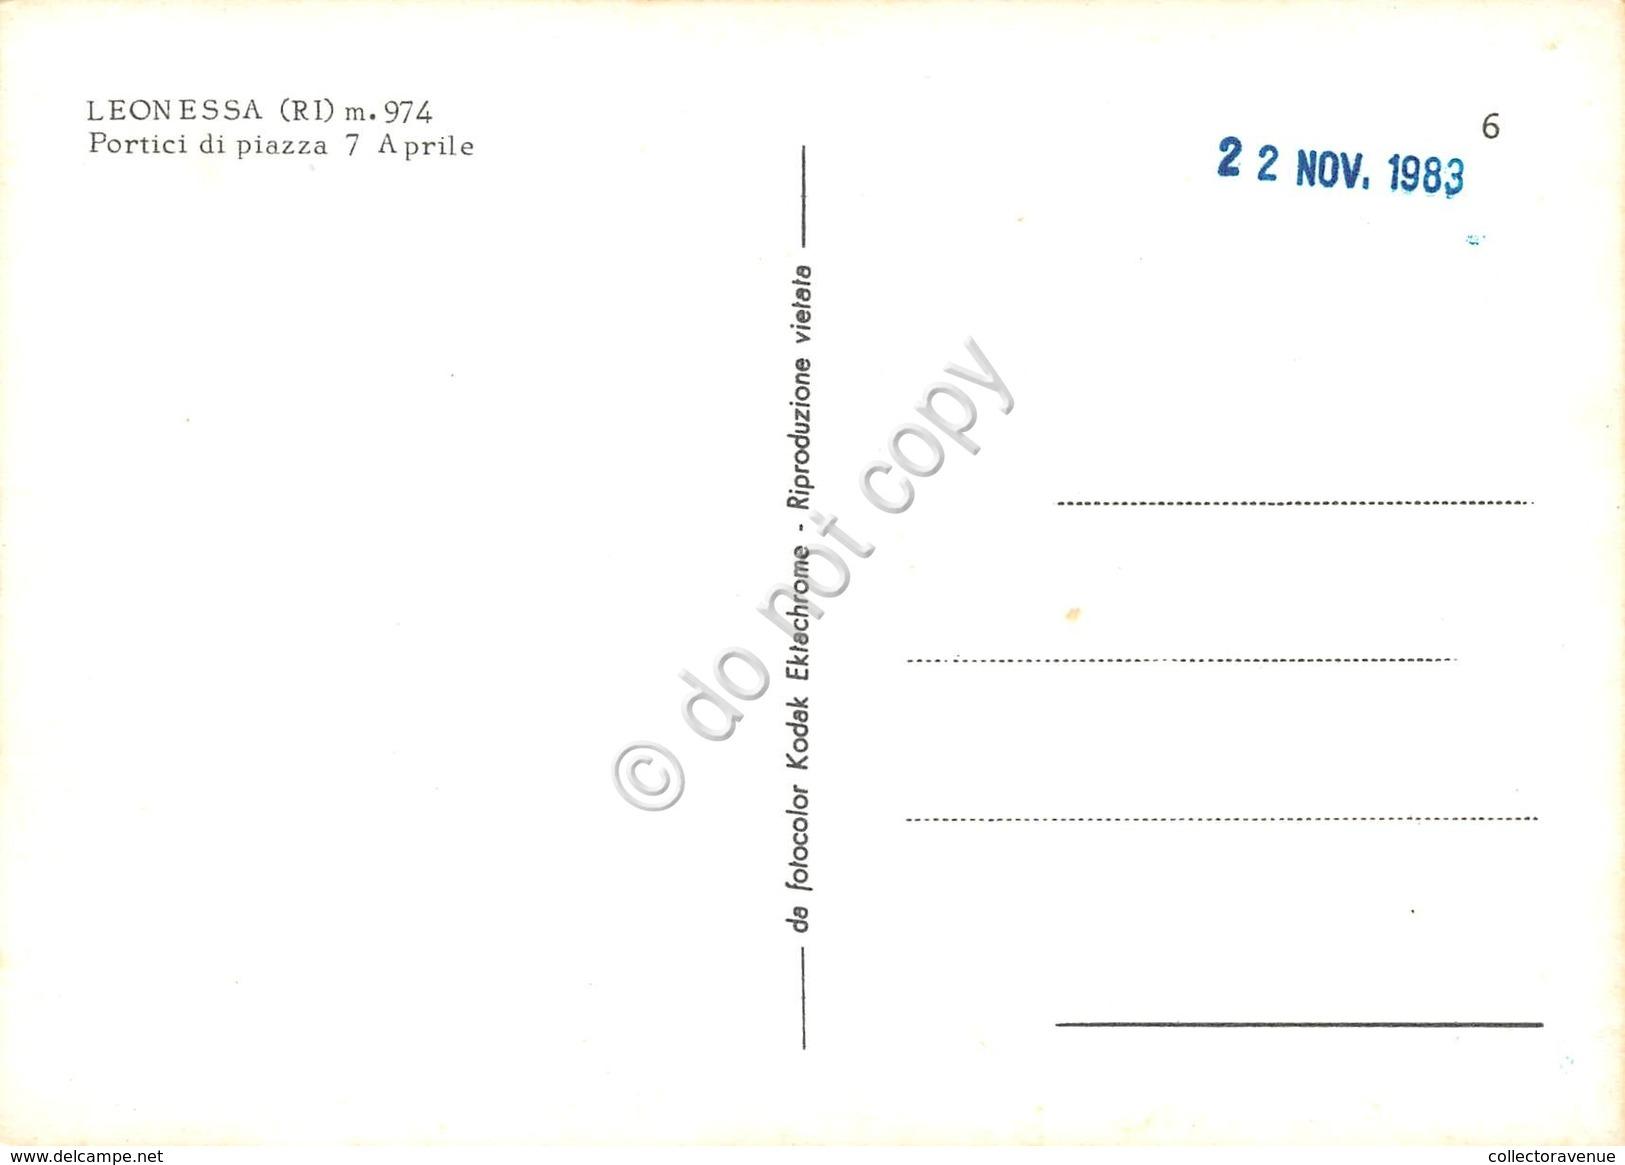 Cartolina Leonessa Portici Di Piazza 7 Aprile - Rieti